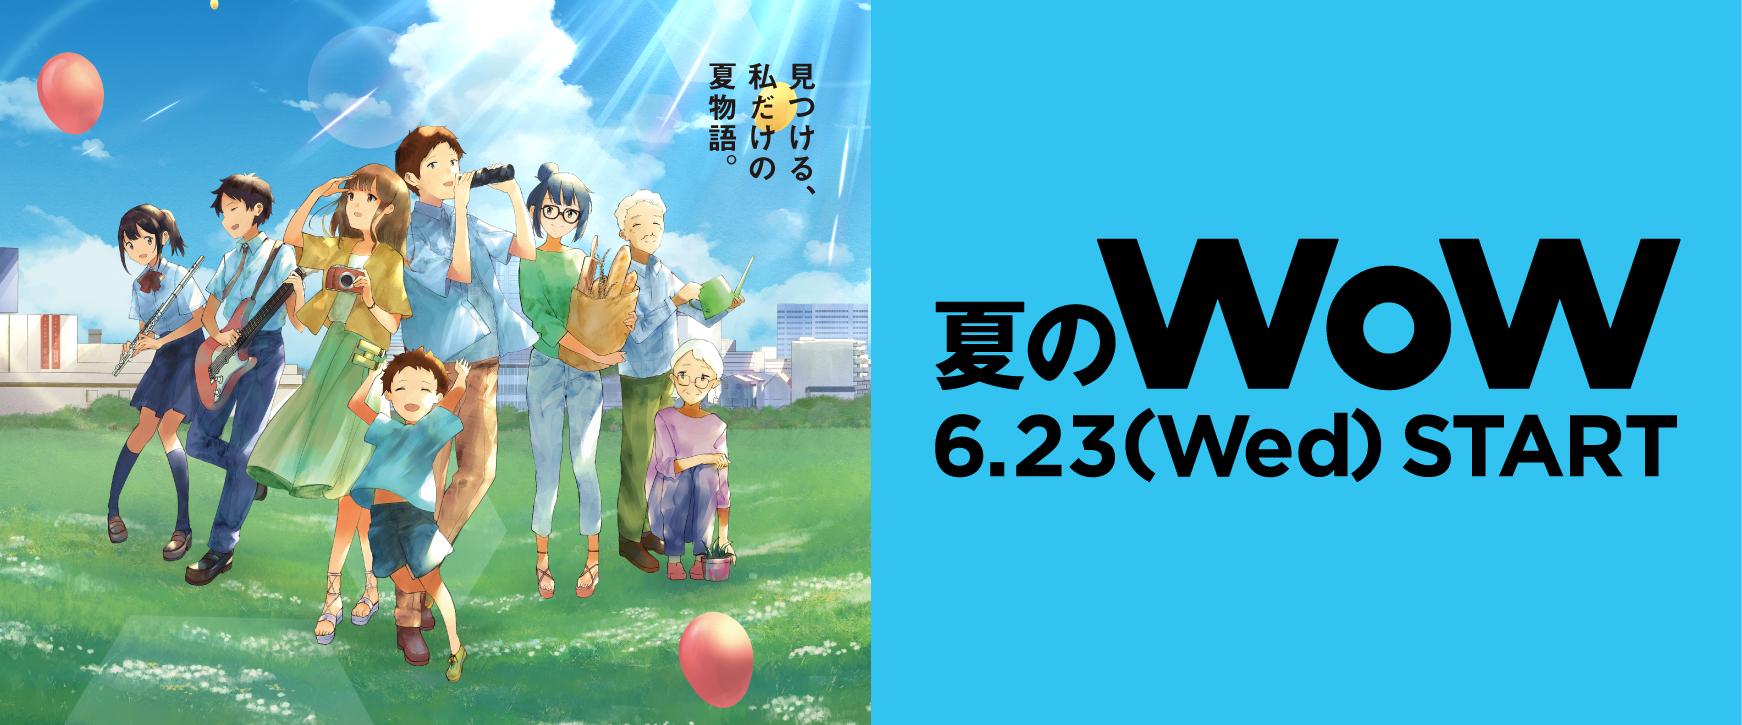 夏のWOW開催!